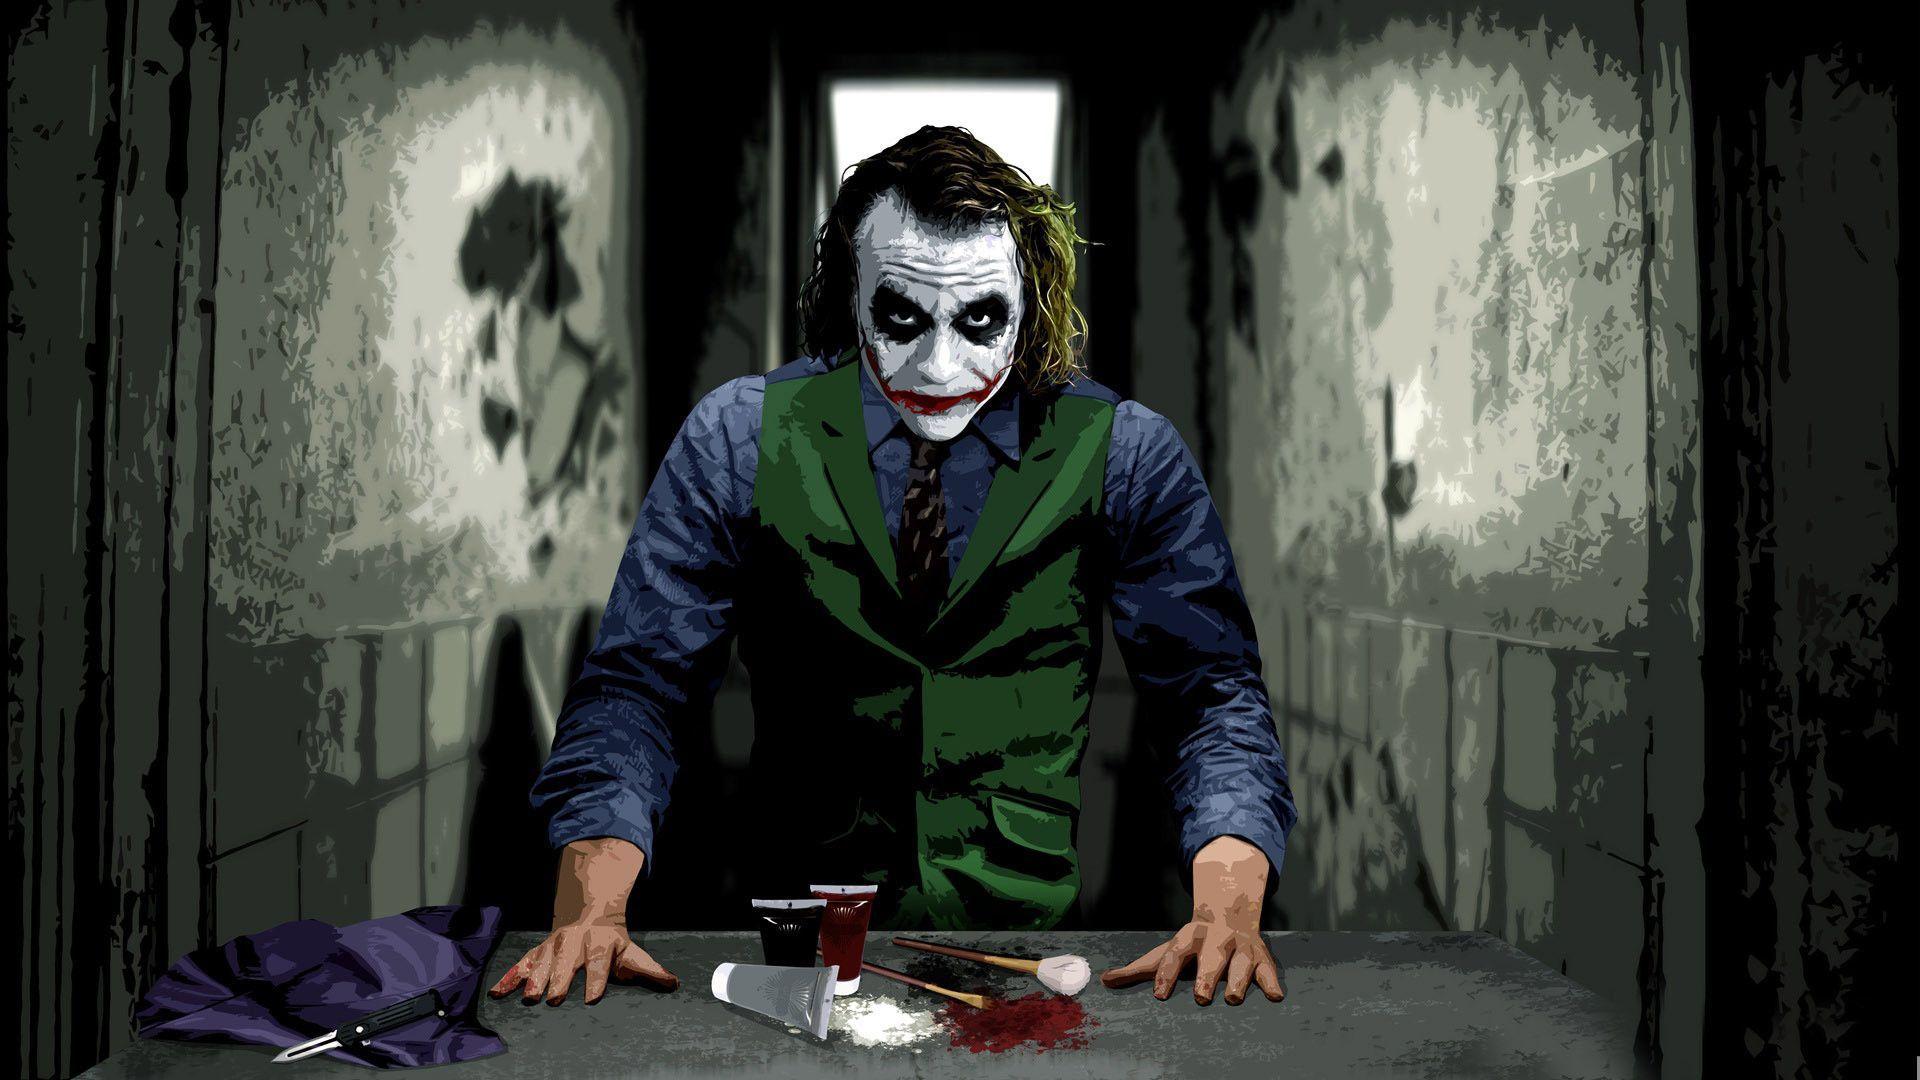 Memes For Batman Joker Wallpaper